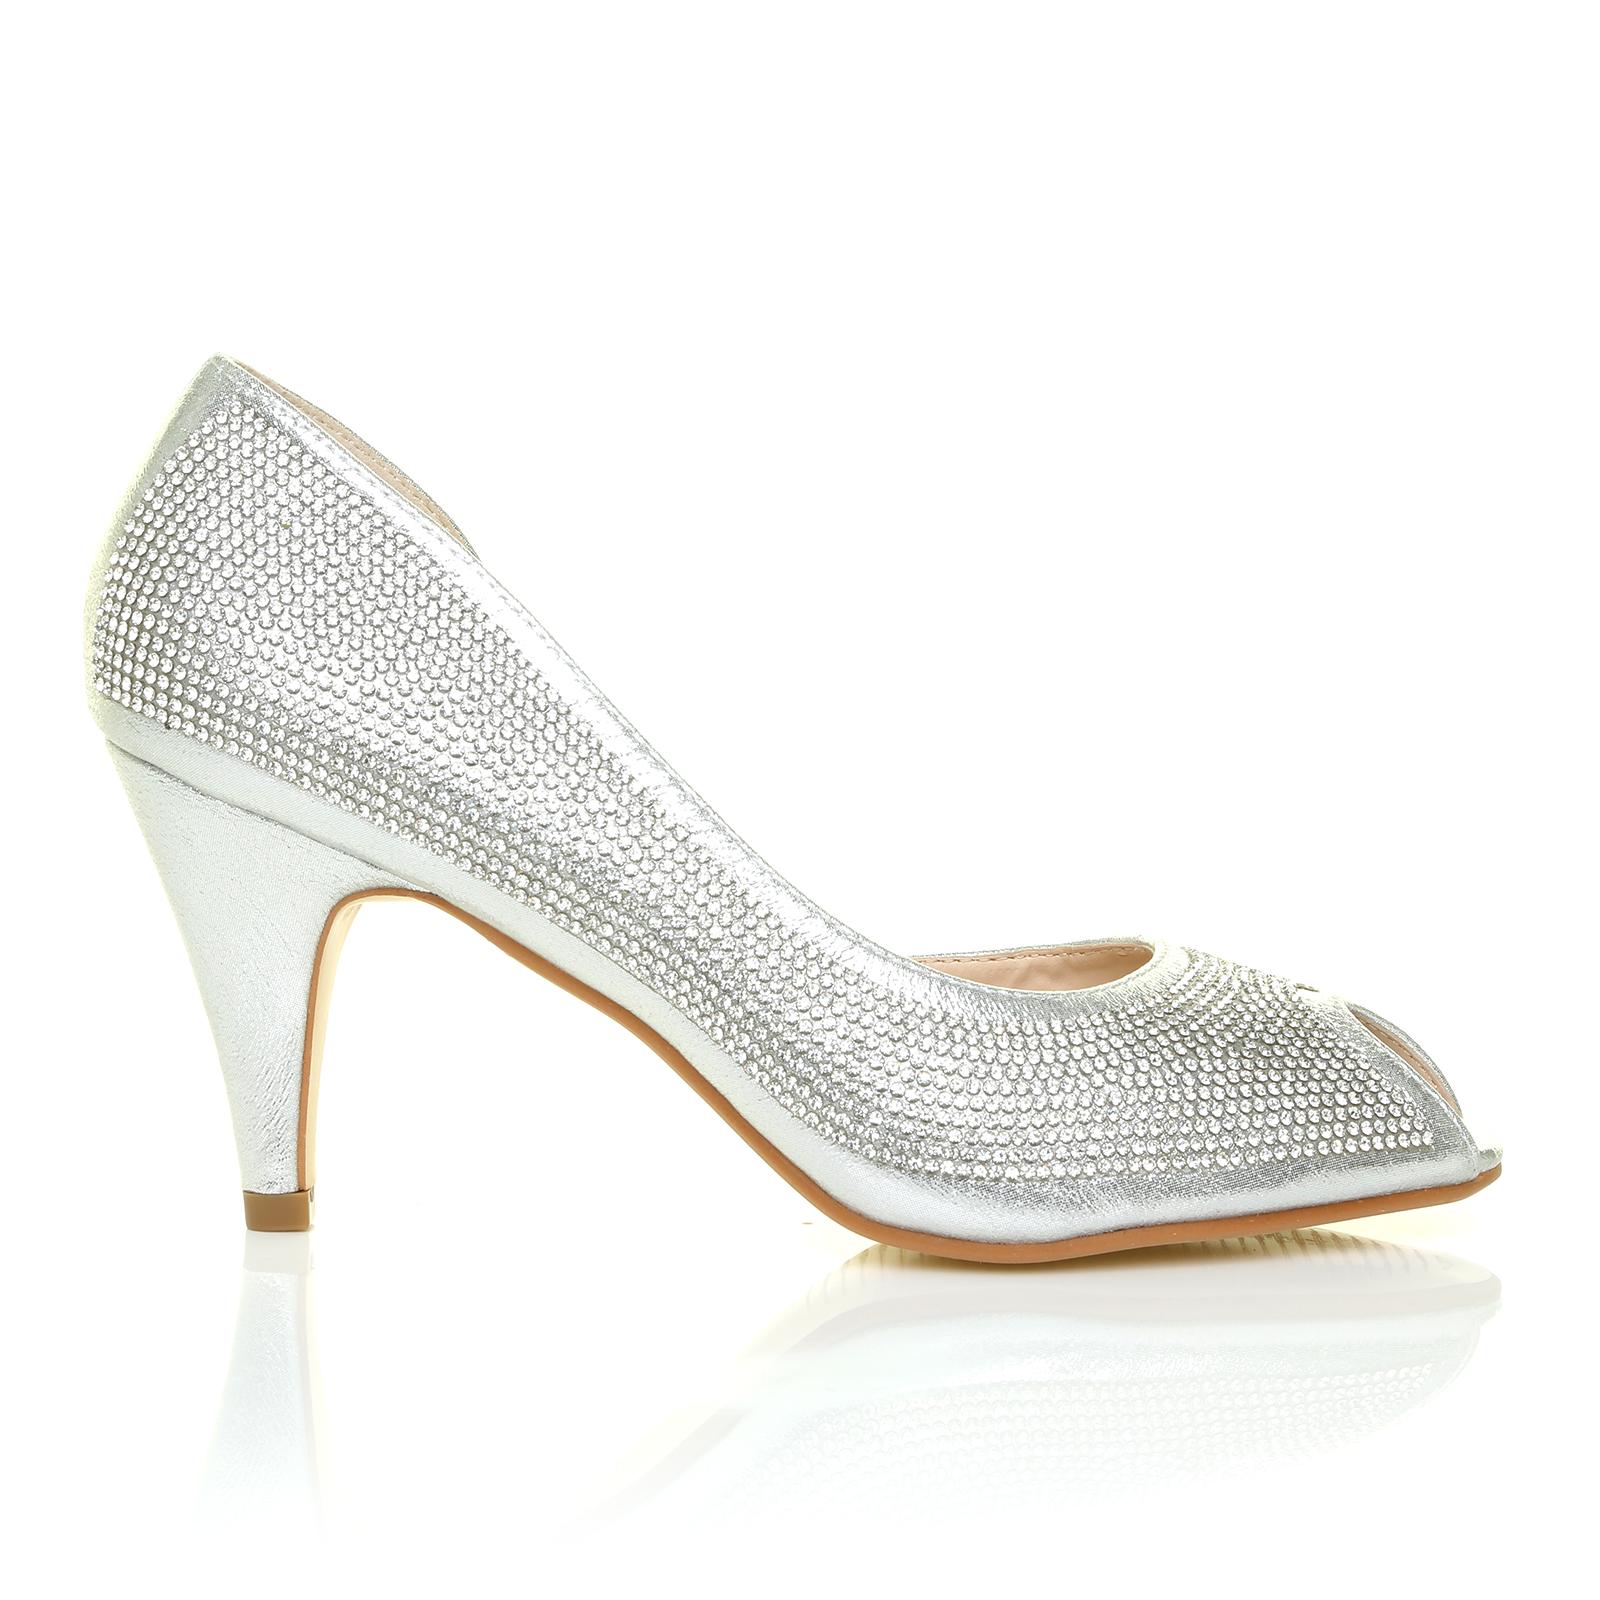 Silver Peep Toe Mid Heels